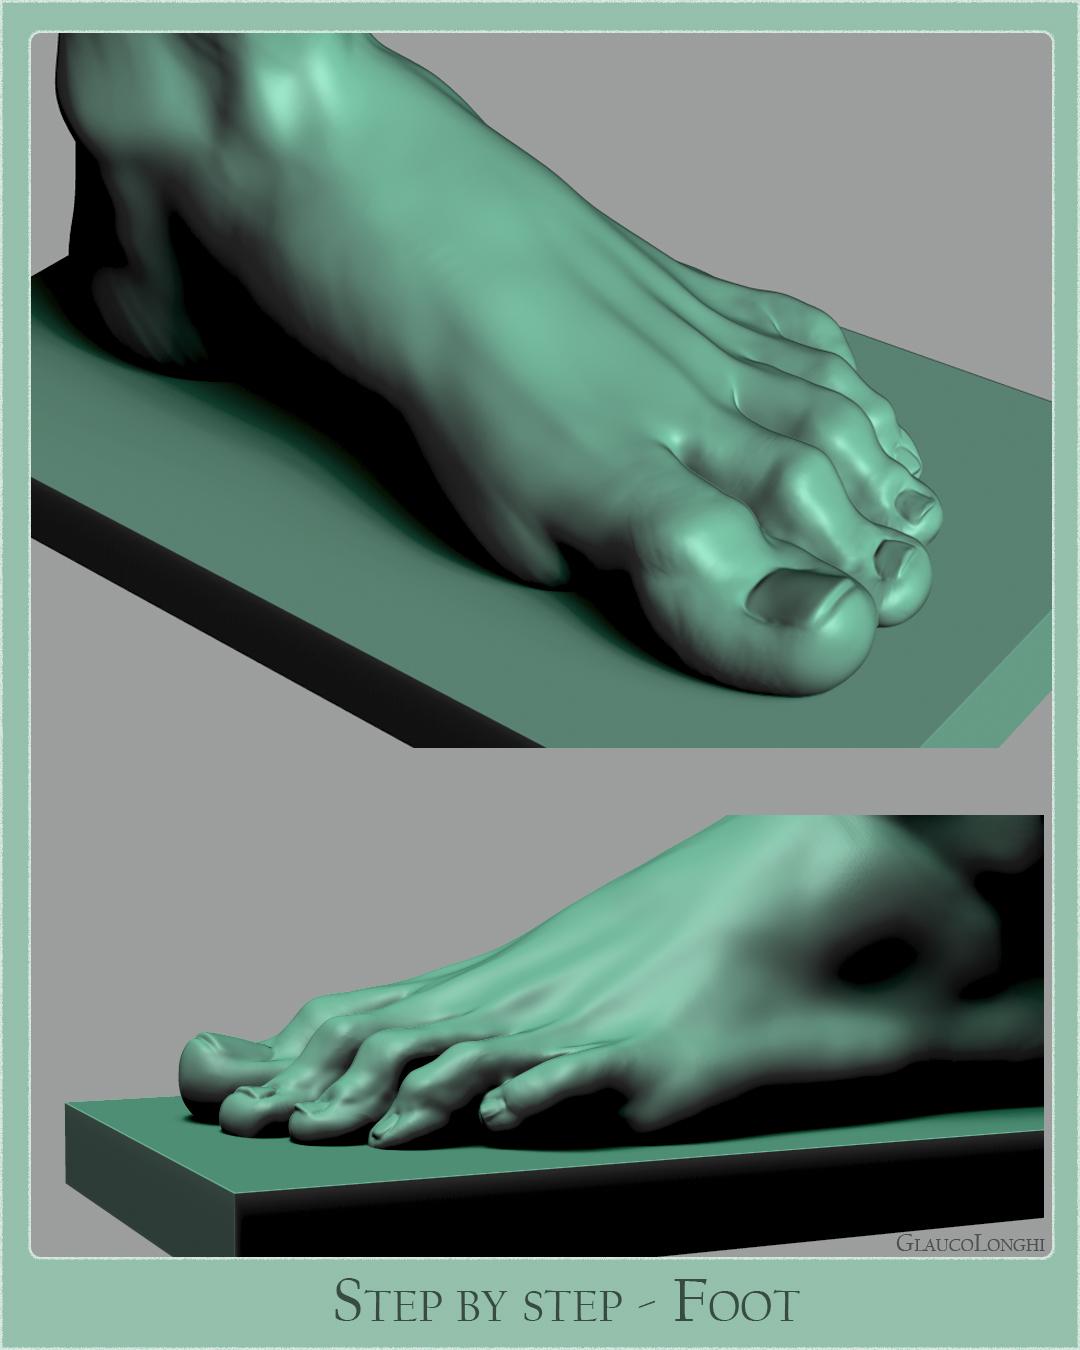 sbs_foot_005.jpg